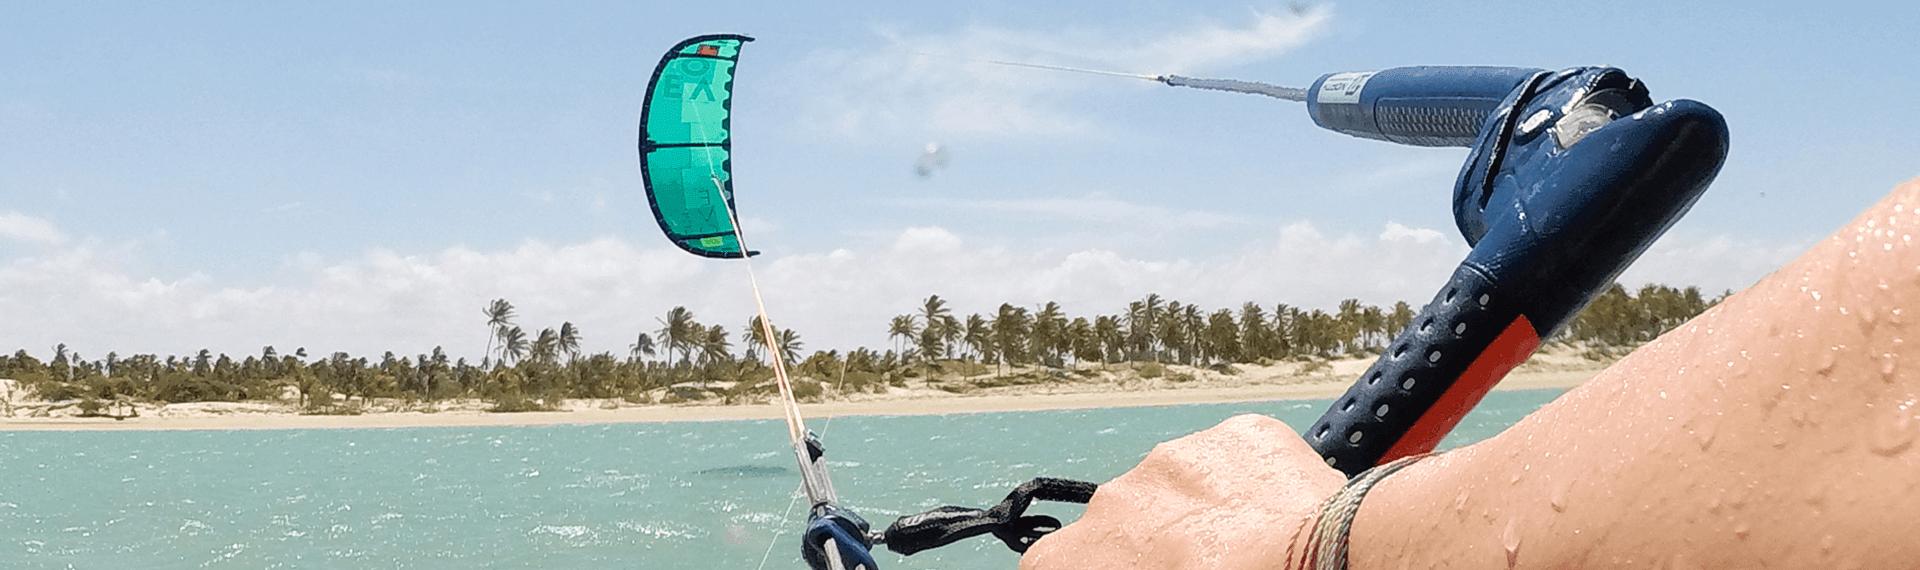 Kajtanje v Braziliji Ilha do Guajiru